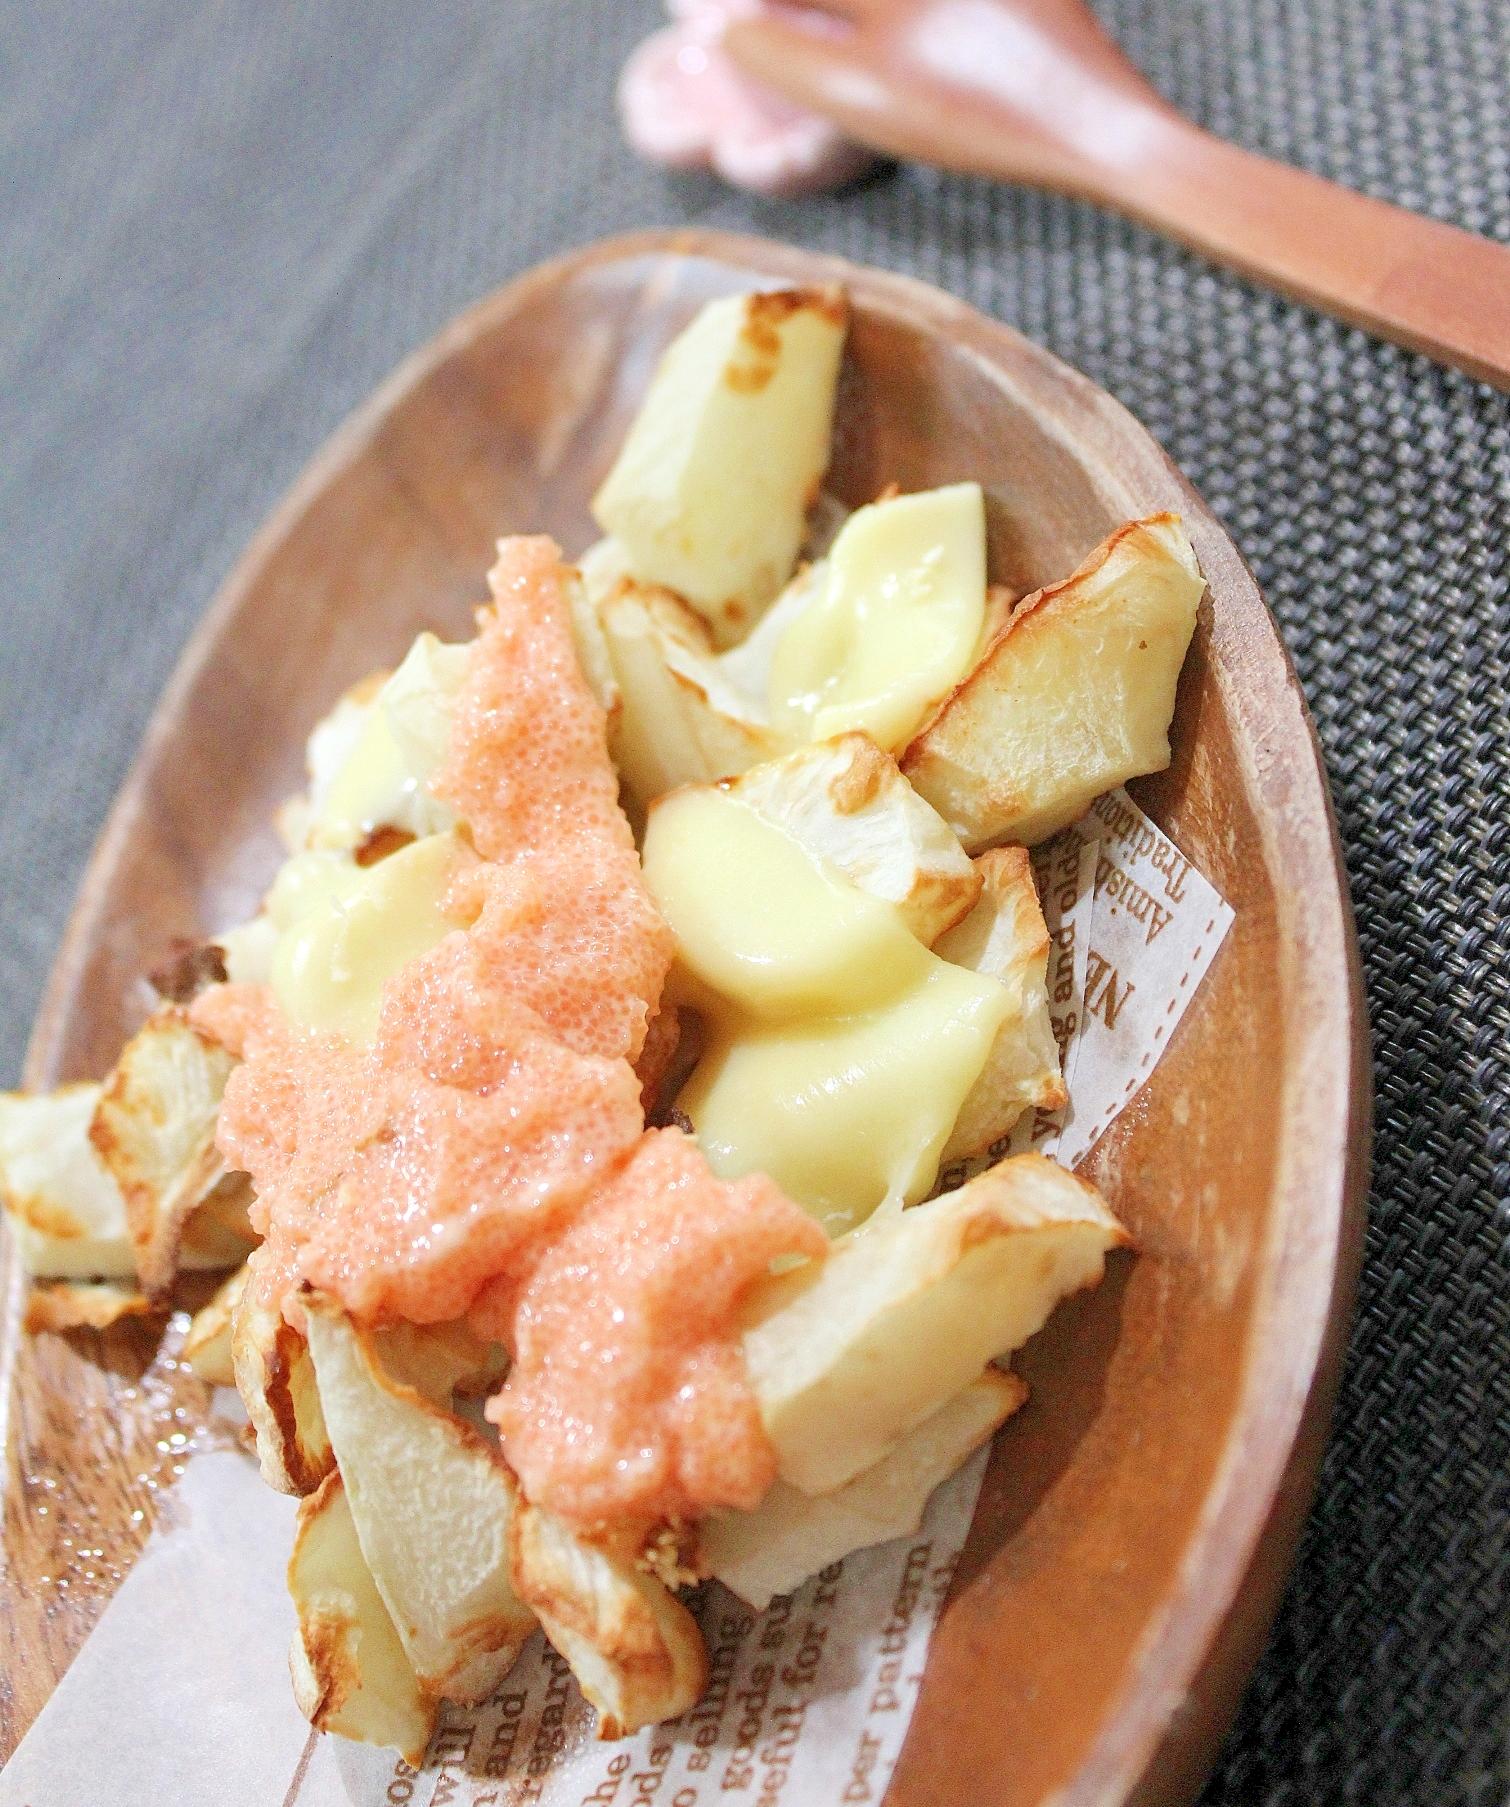 ノンフライヤーで揚げない菊芋ポテト明太マヨチーズ味